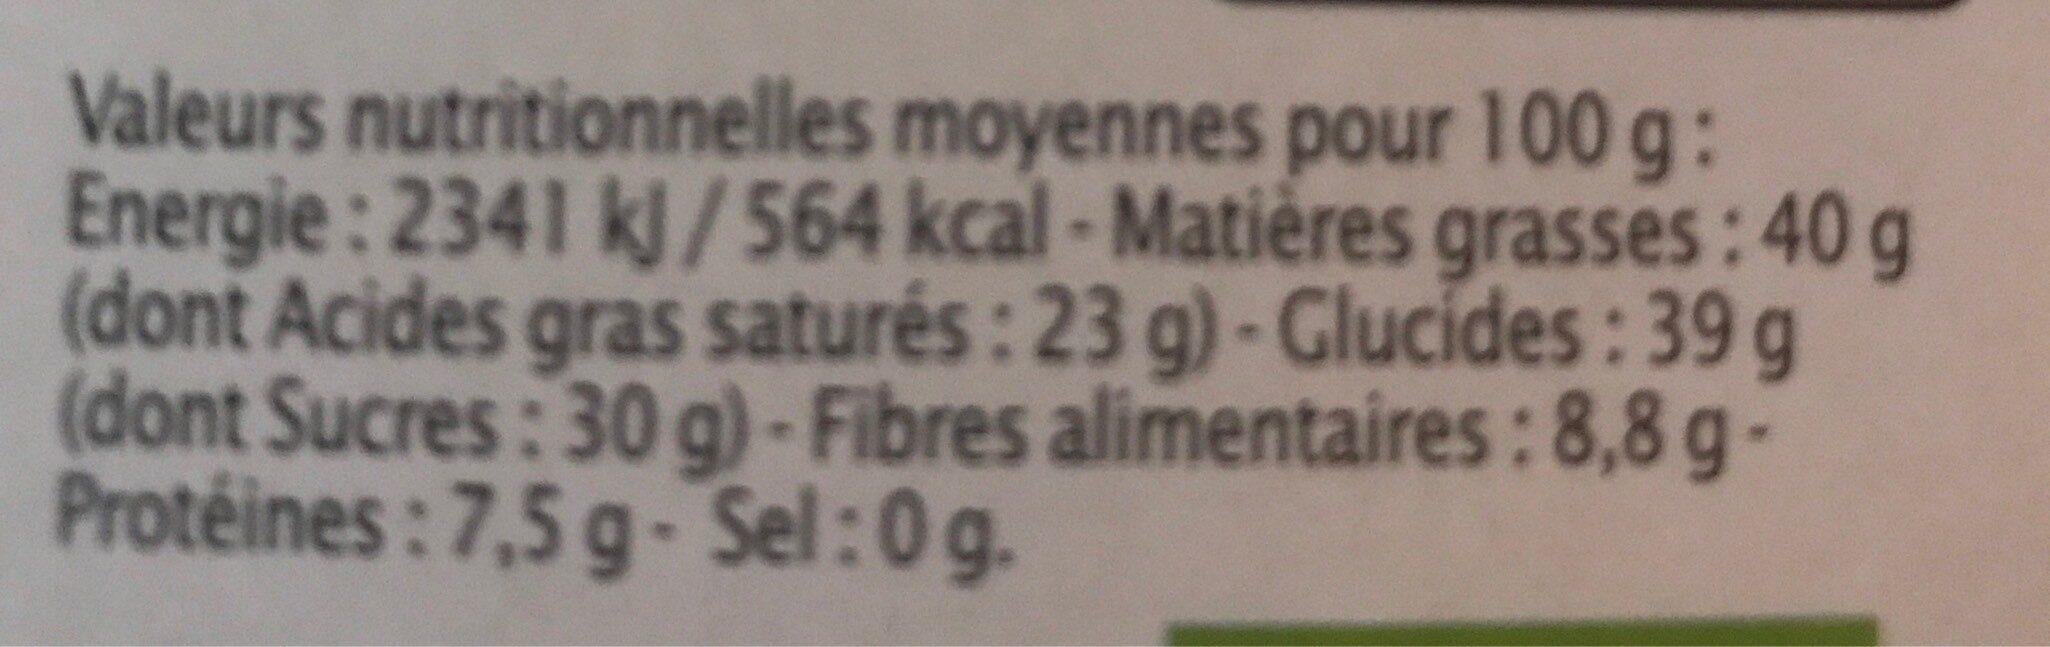 NOIR Raisins Amandes - Informations nutritionnelles - fr